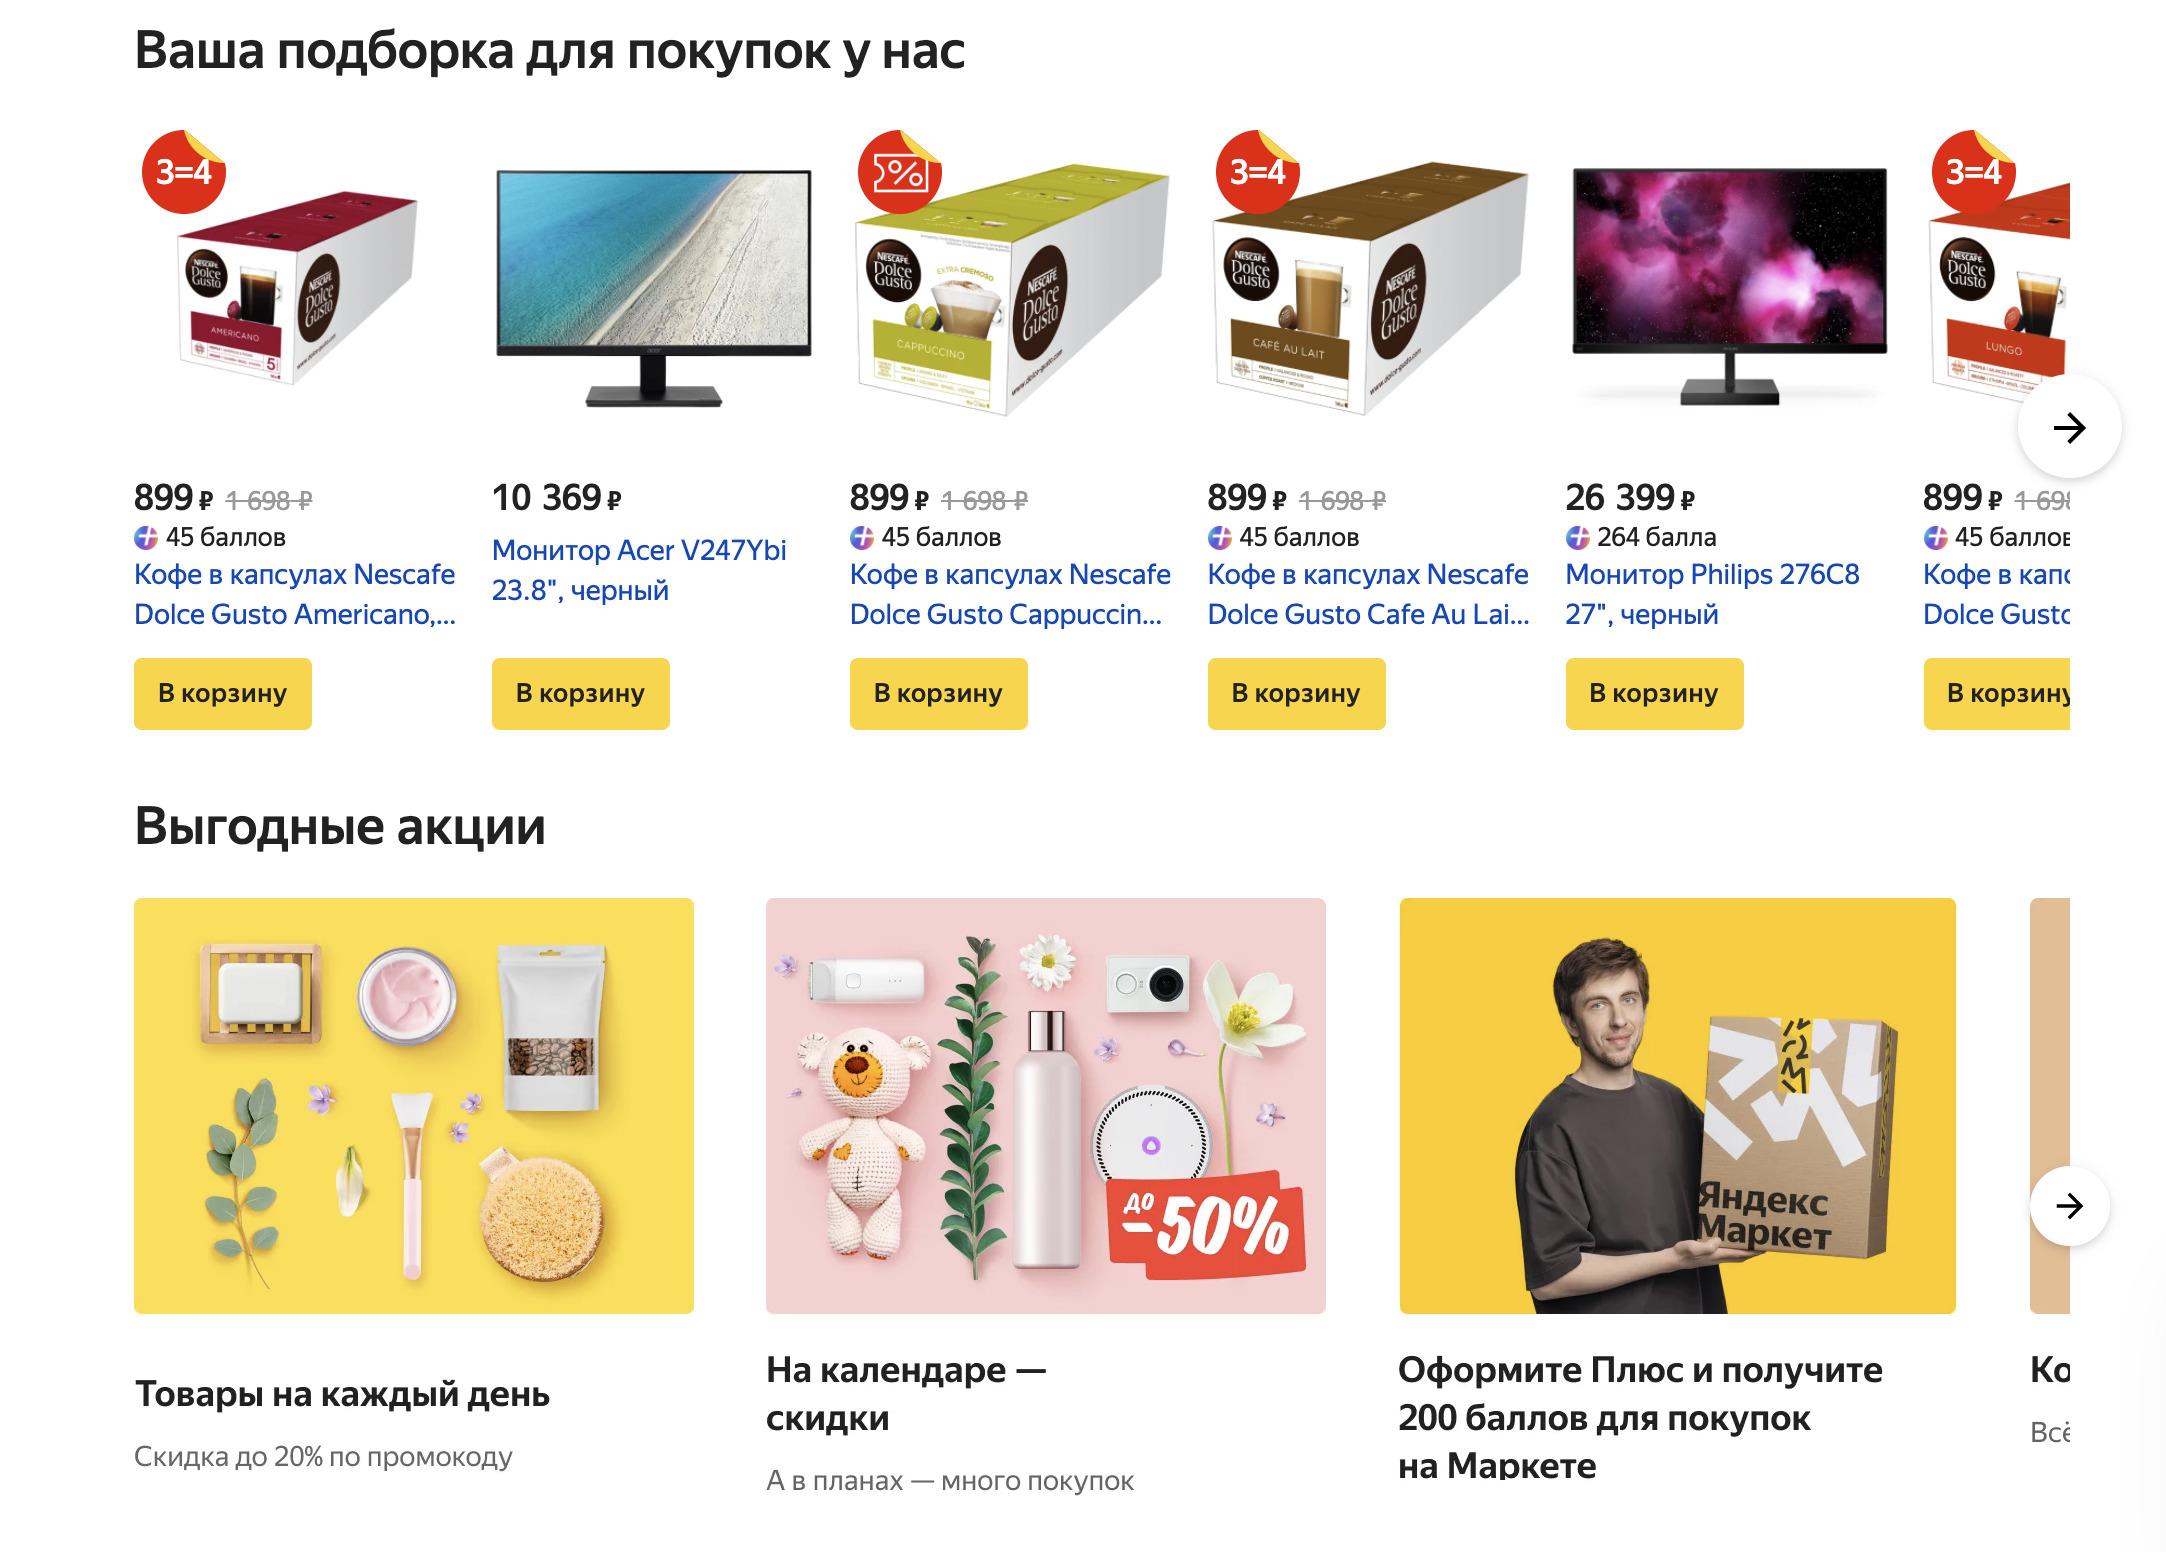 Доставка из Яндекс.Маркет в Волжск, сроки, пункты выдачи, каталог